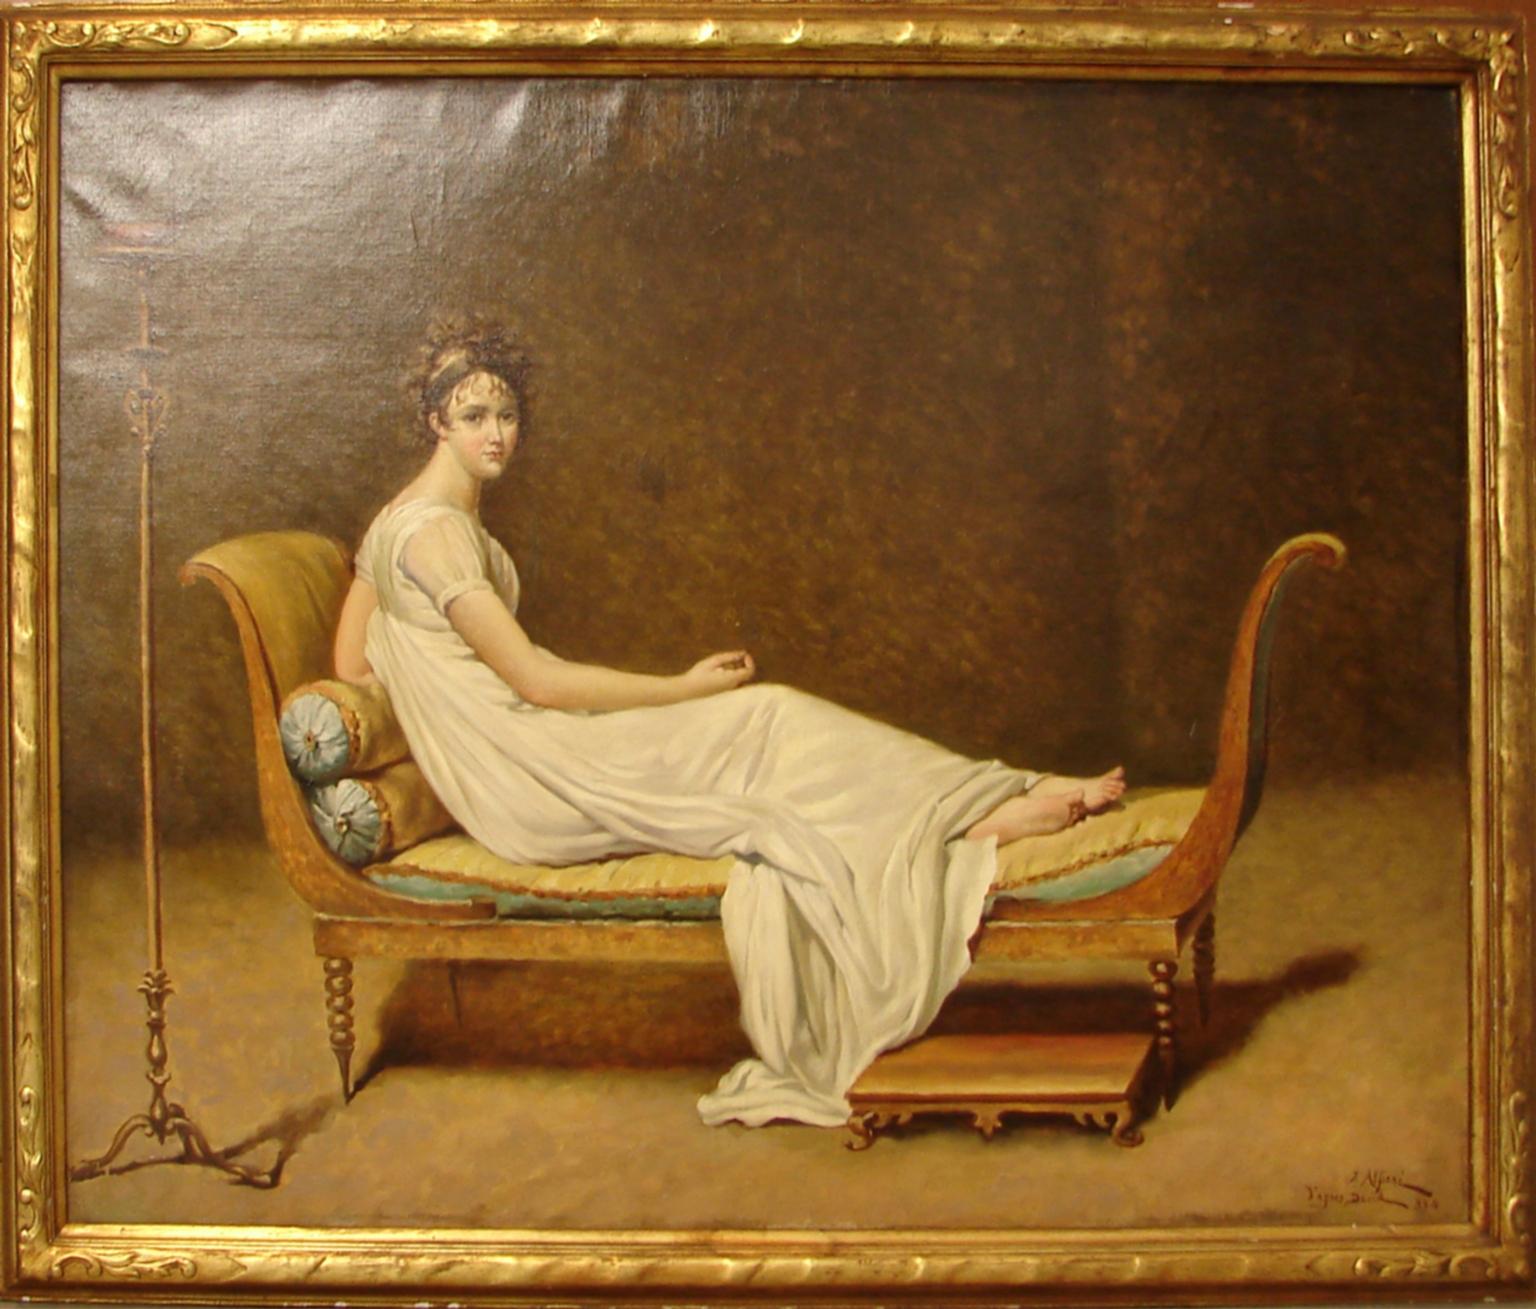 Madame Recamier